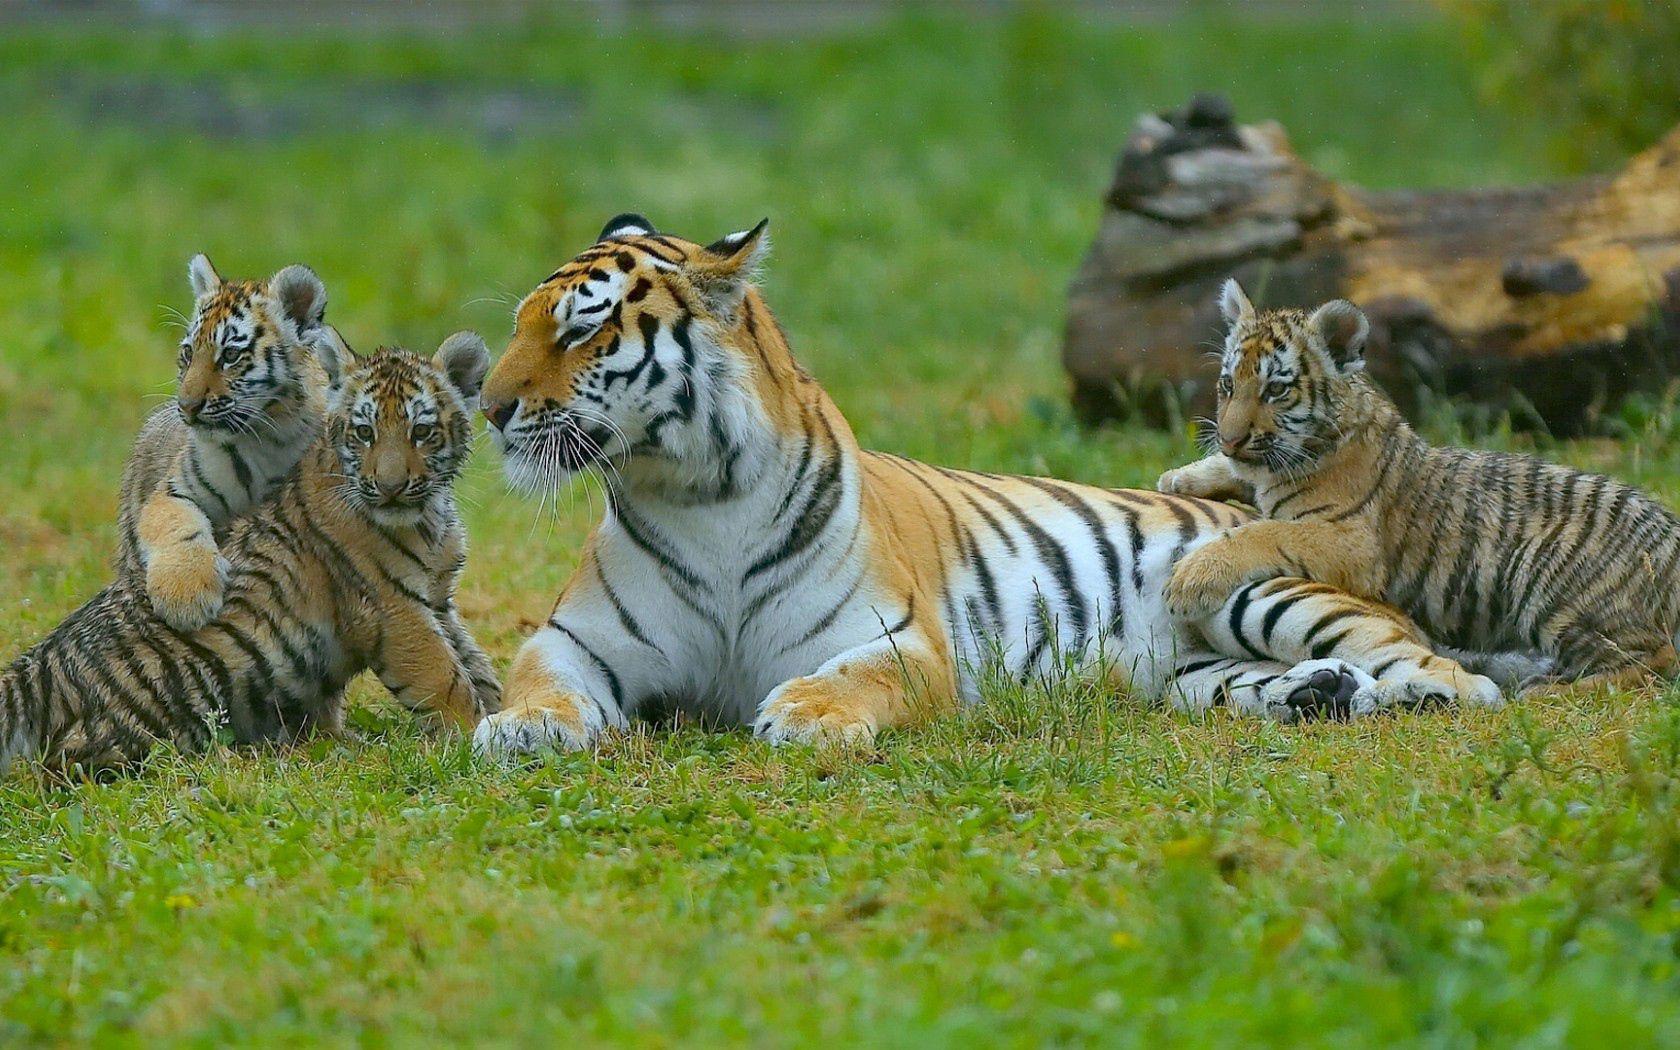 100553 Hintergrundbild herunterladen Tiere, Grass, Tigers, Sich Hinlegen, Liegen, Jungen, Jung, Raubtiere - Bildschirmschoner und Bilder kostenlos